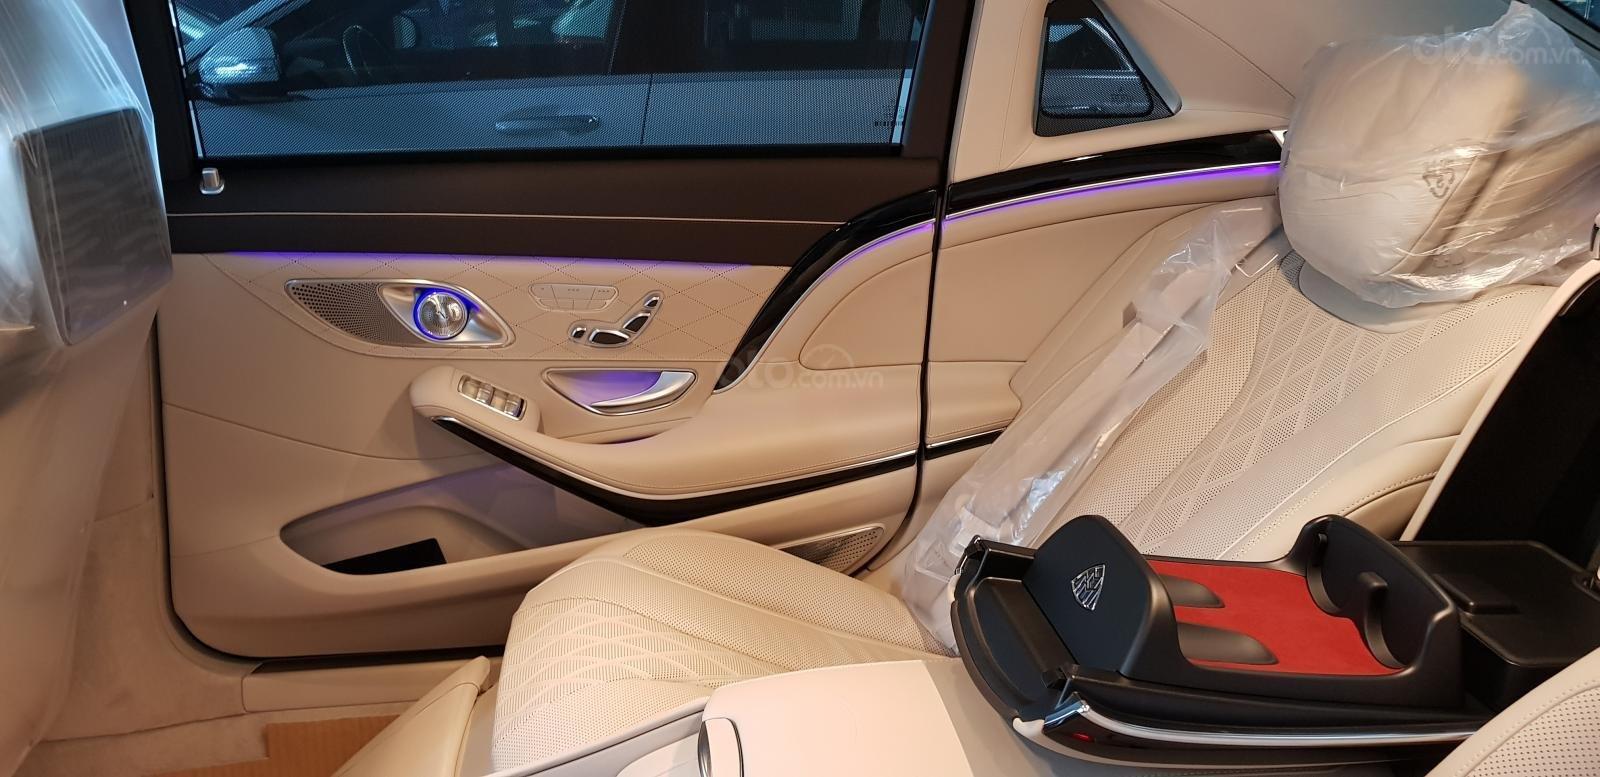 Mercedes-Benz Maybach S450 đời 2019 nhập khẩu, xe giao ngay khuyến mãi lớn, liên hệ 0913332288 (19)